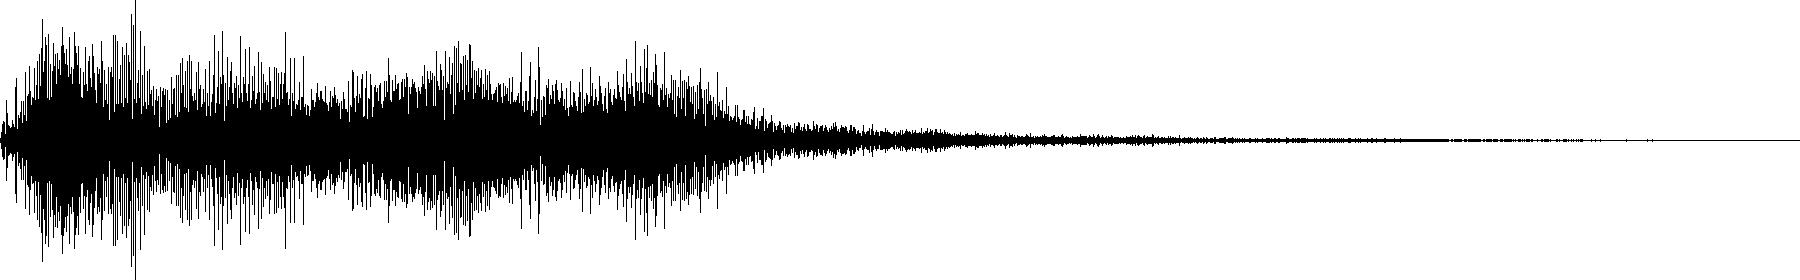 veh2 synths   012 c